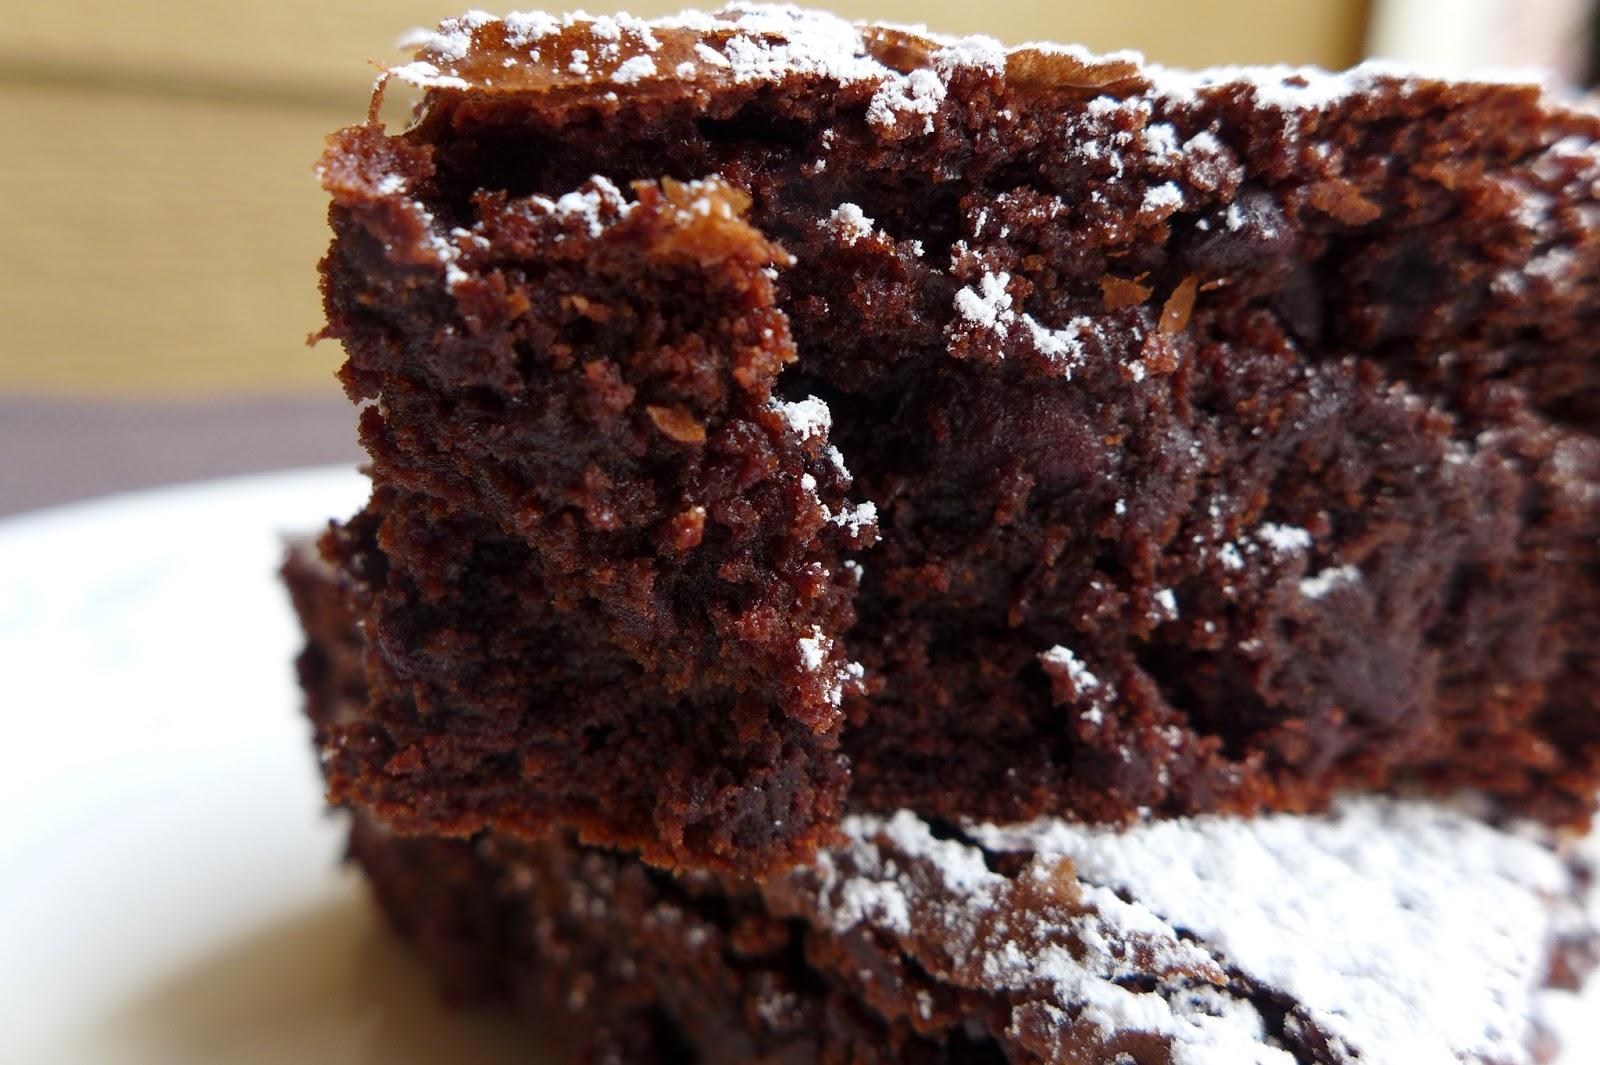 φούρνου συνταγές νουτέλας κέϊκ επιδόρπια γλυκά με σοκολάτα γλυκά nutella